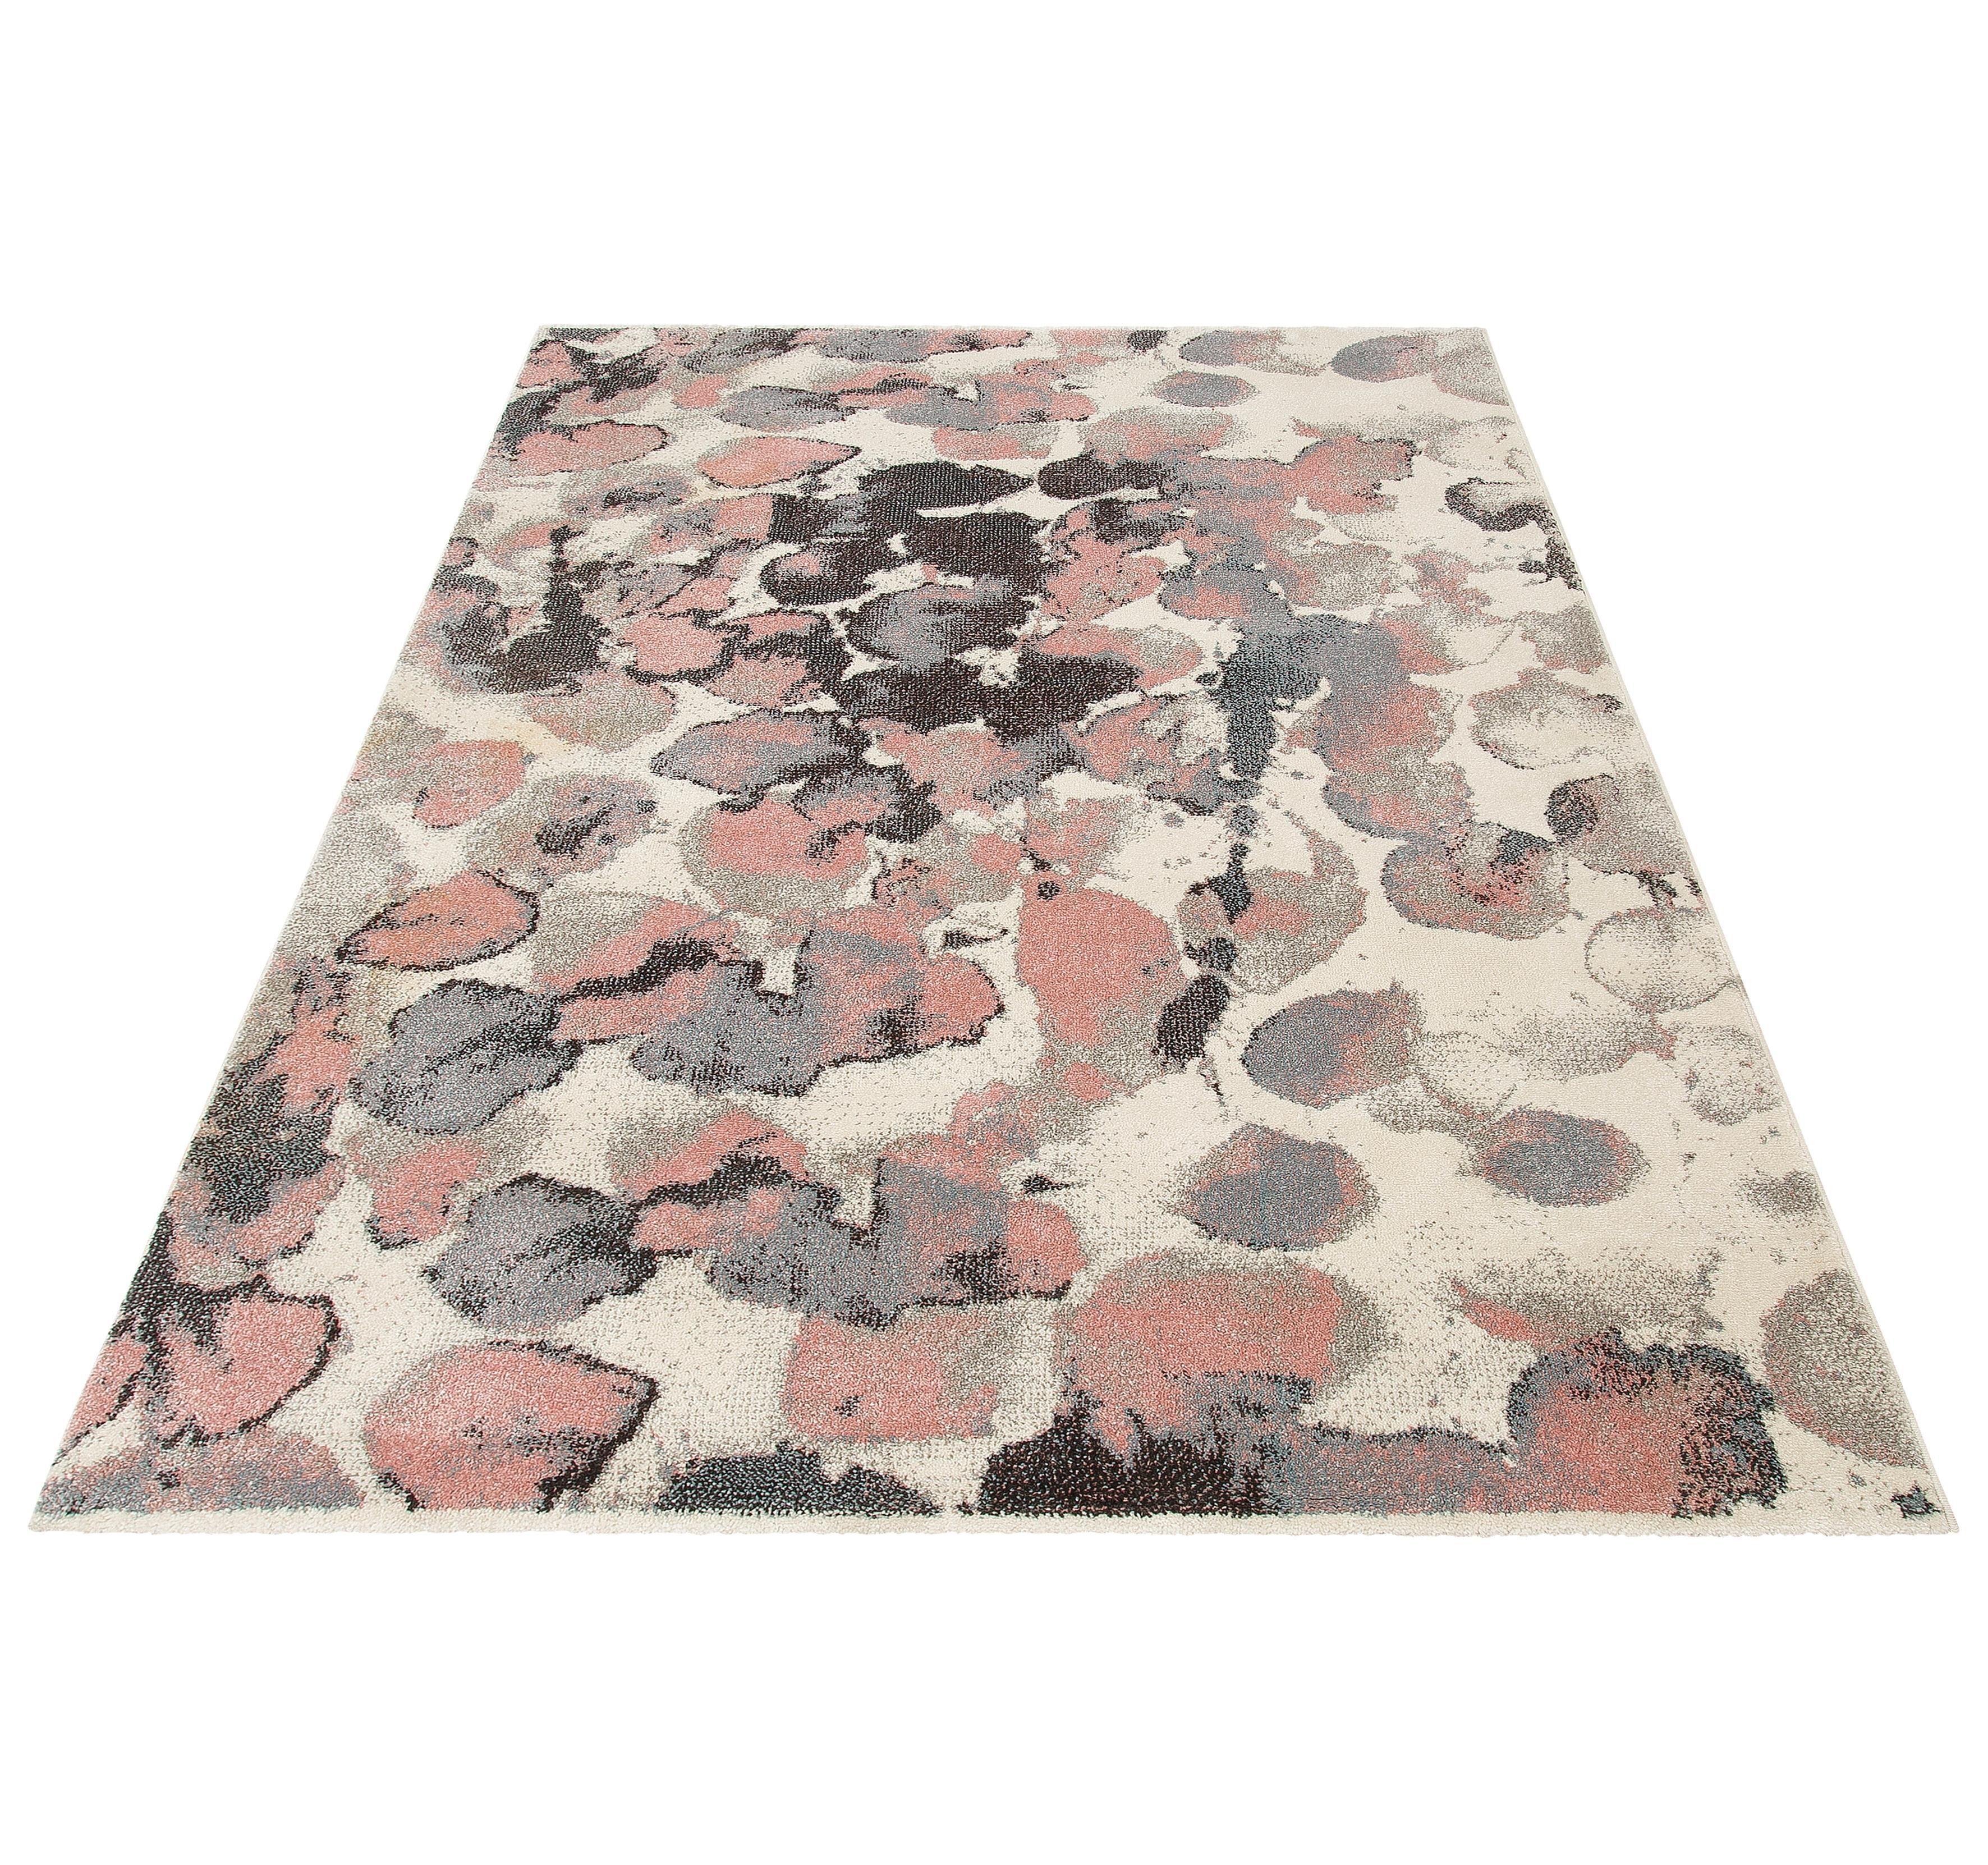 Teppich Sakura Guido Maria Kretschmer Home&Living rechteckig Höhe 13 mm maschinell gewebt